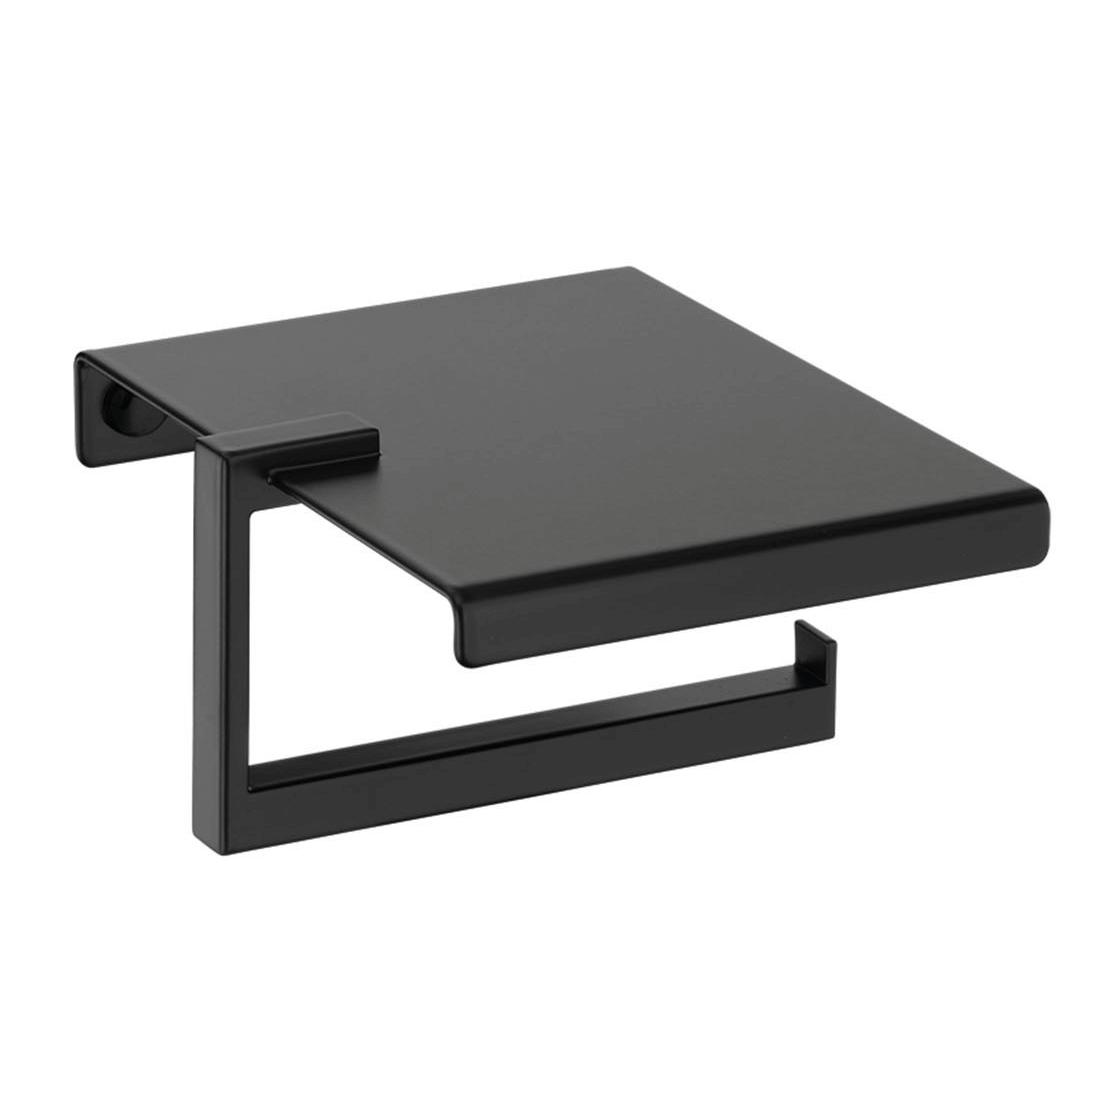 Portarrollos de baño negro modelo Plexo de PyP